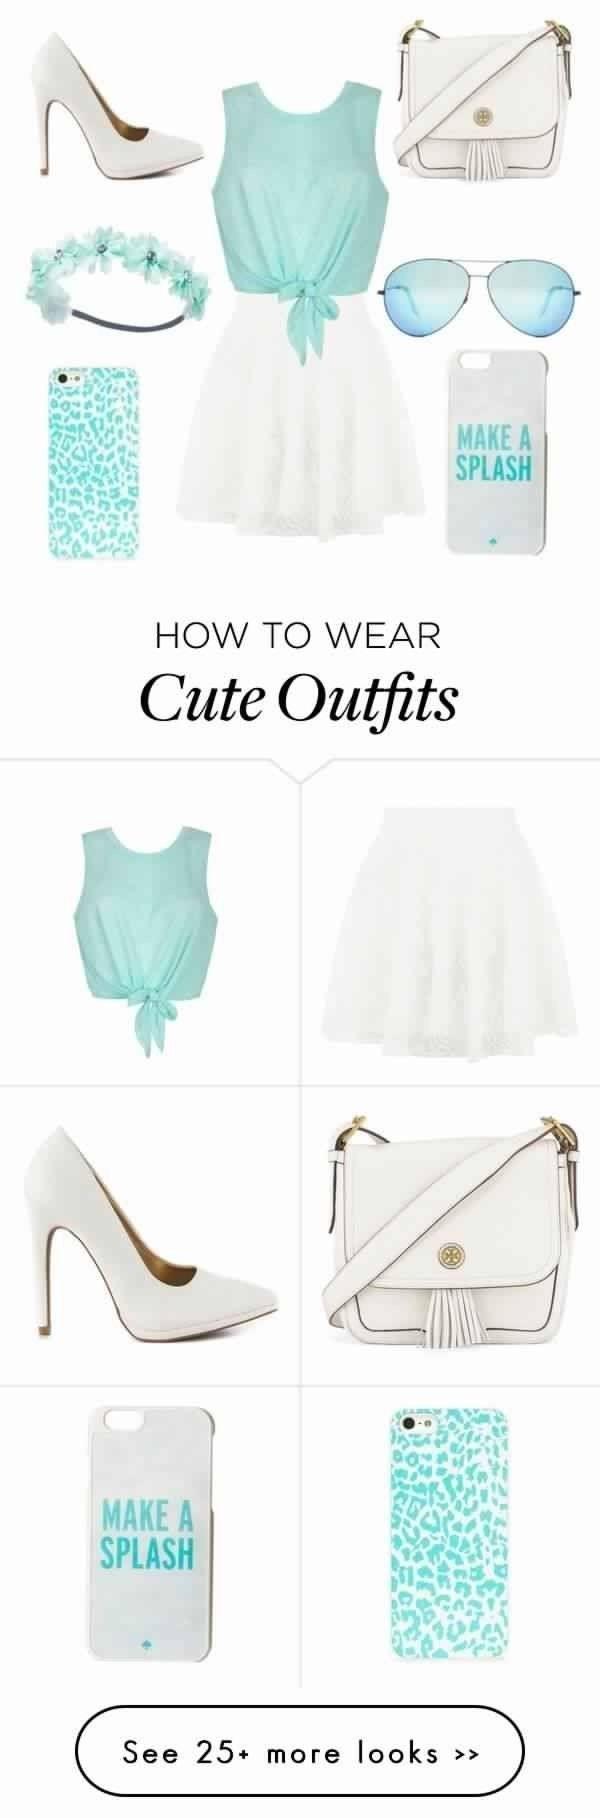 Teen Kleidung. Finden Sie die beliebtesten, direkt aus der Karriere, Modetrends und Supers